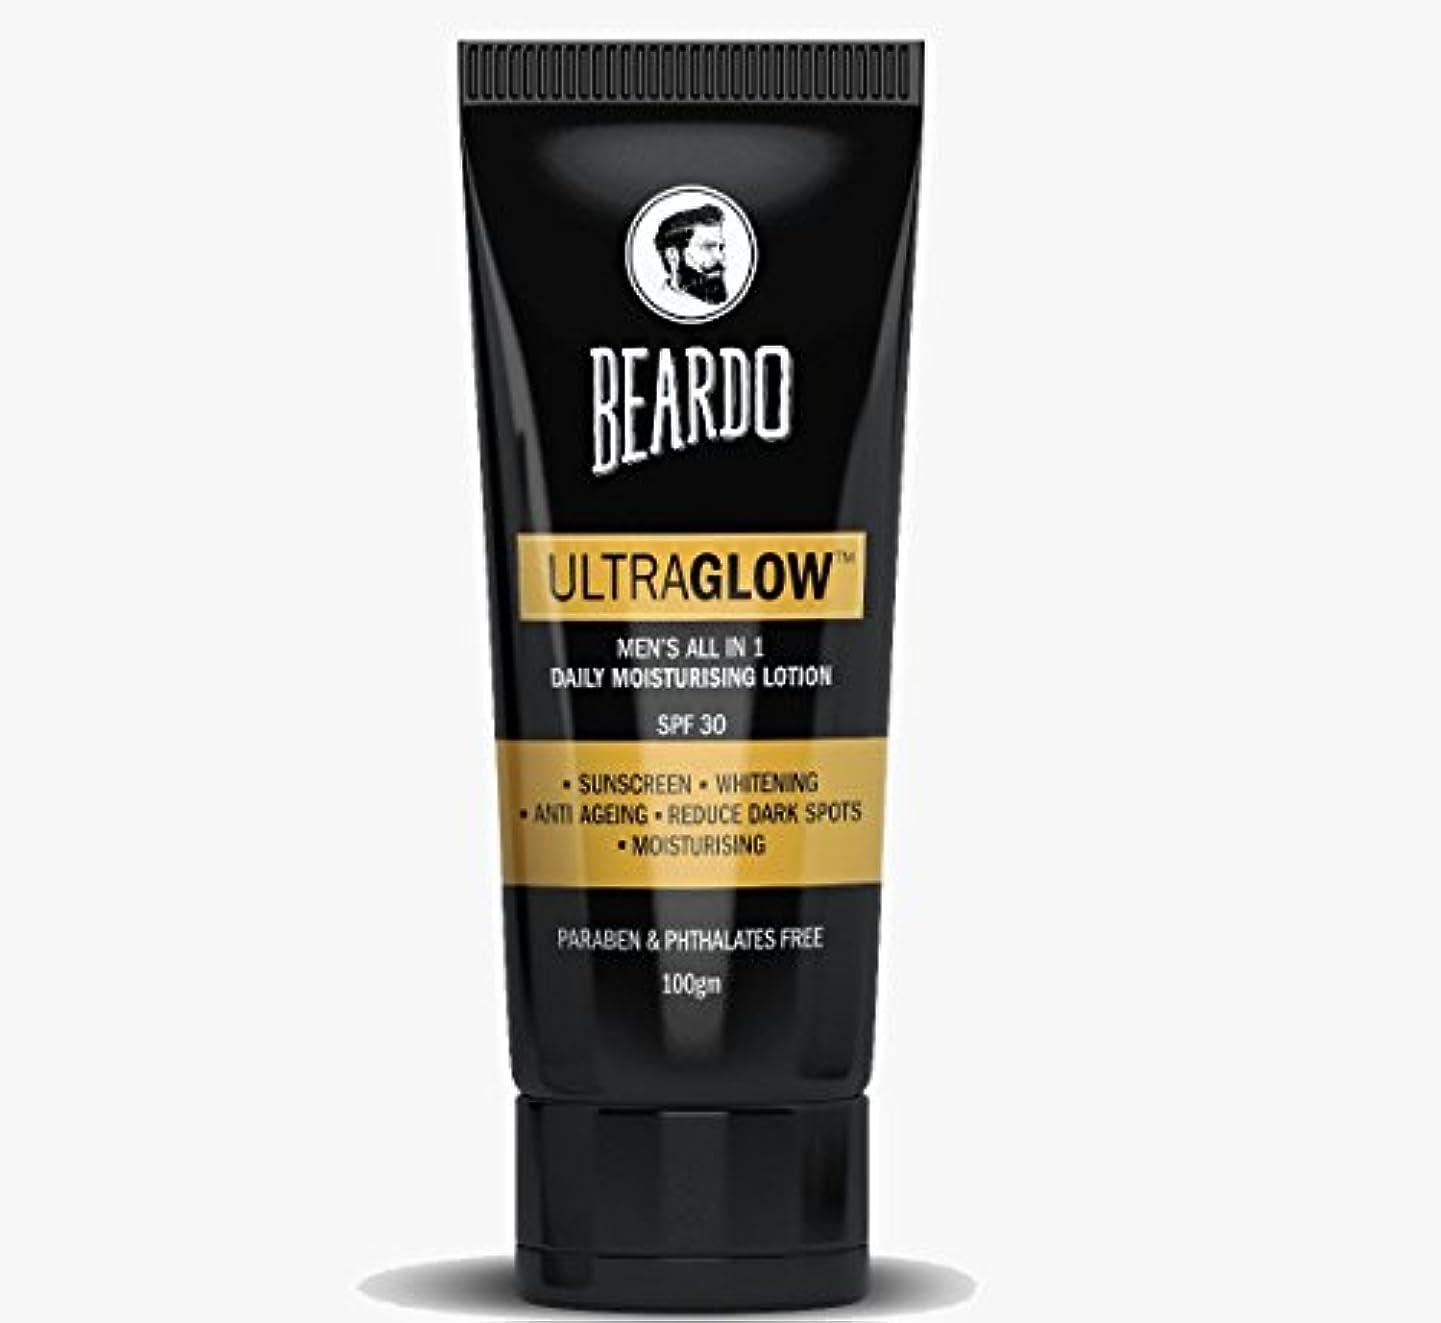 こどもの日名前で記憶BEARDO Ultraglow Face Lotion for Men, 100g